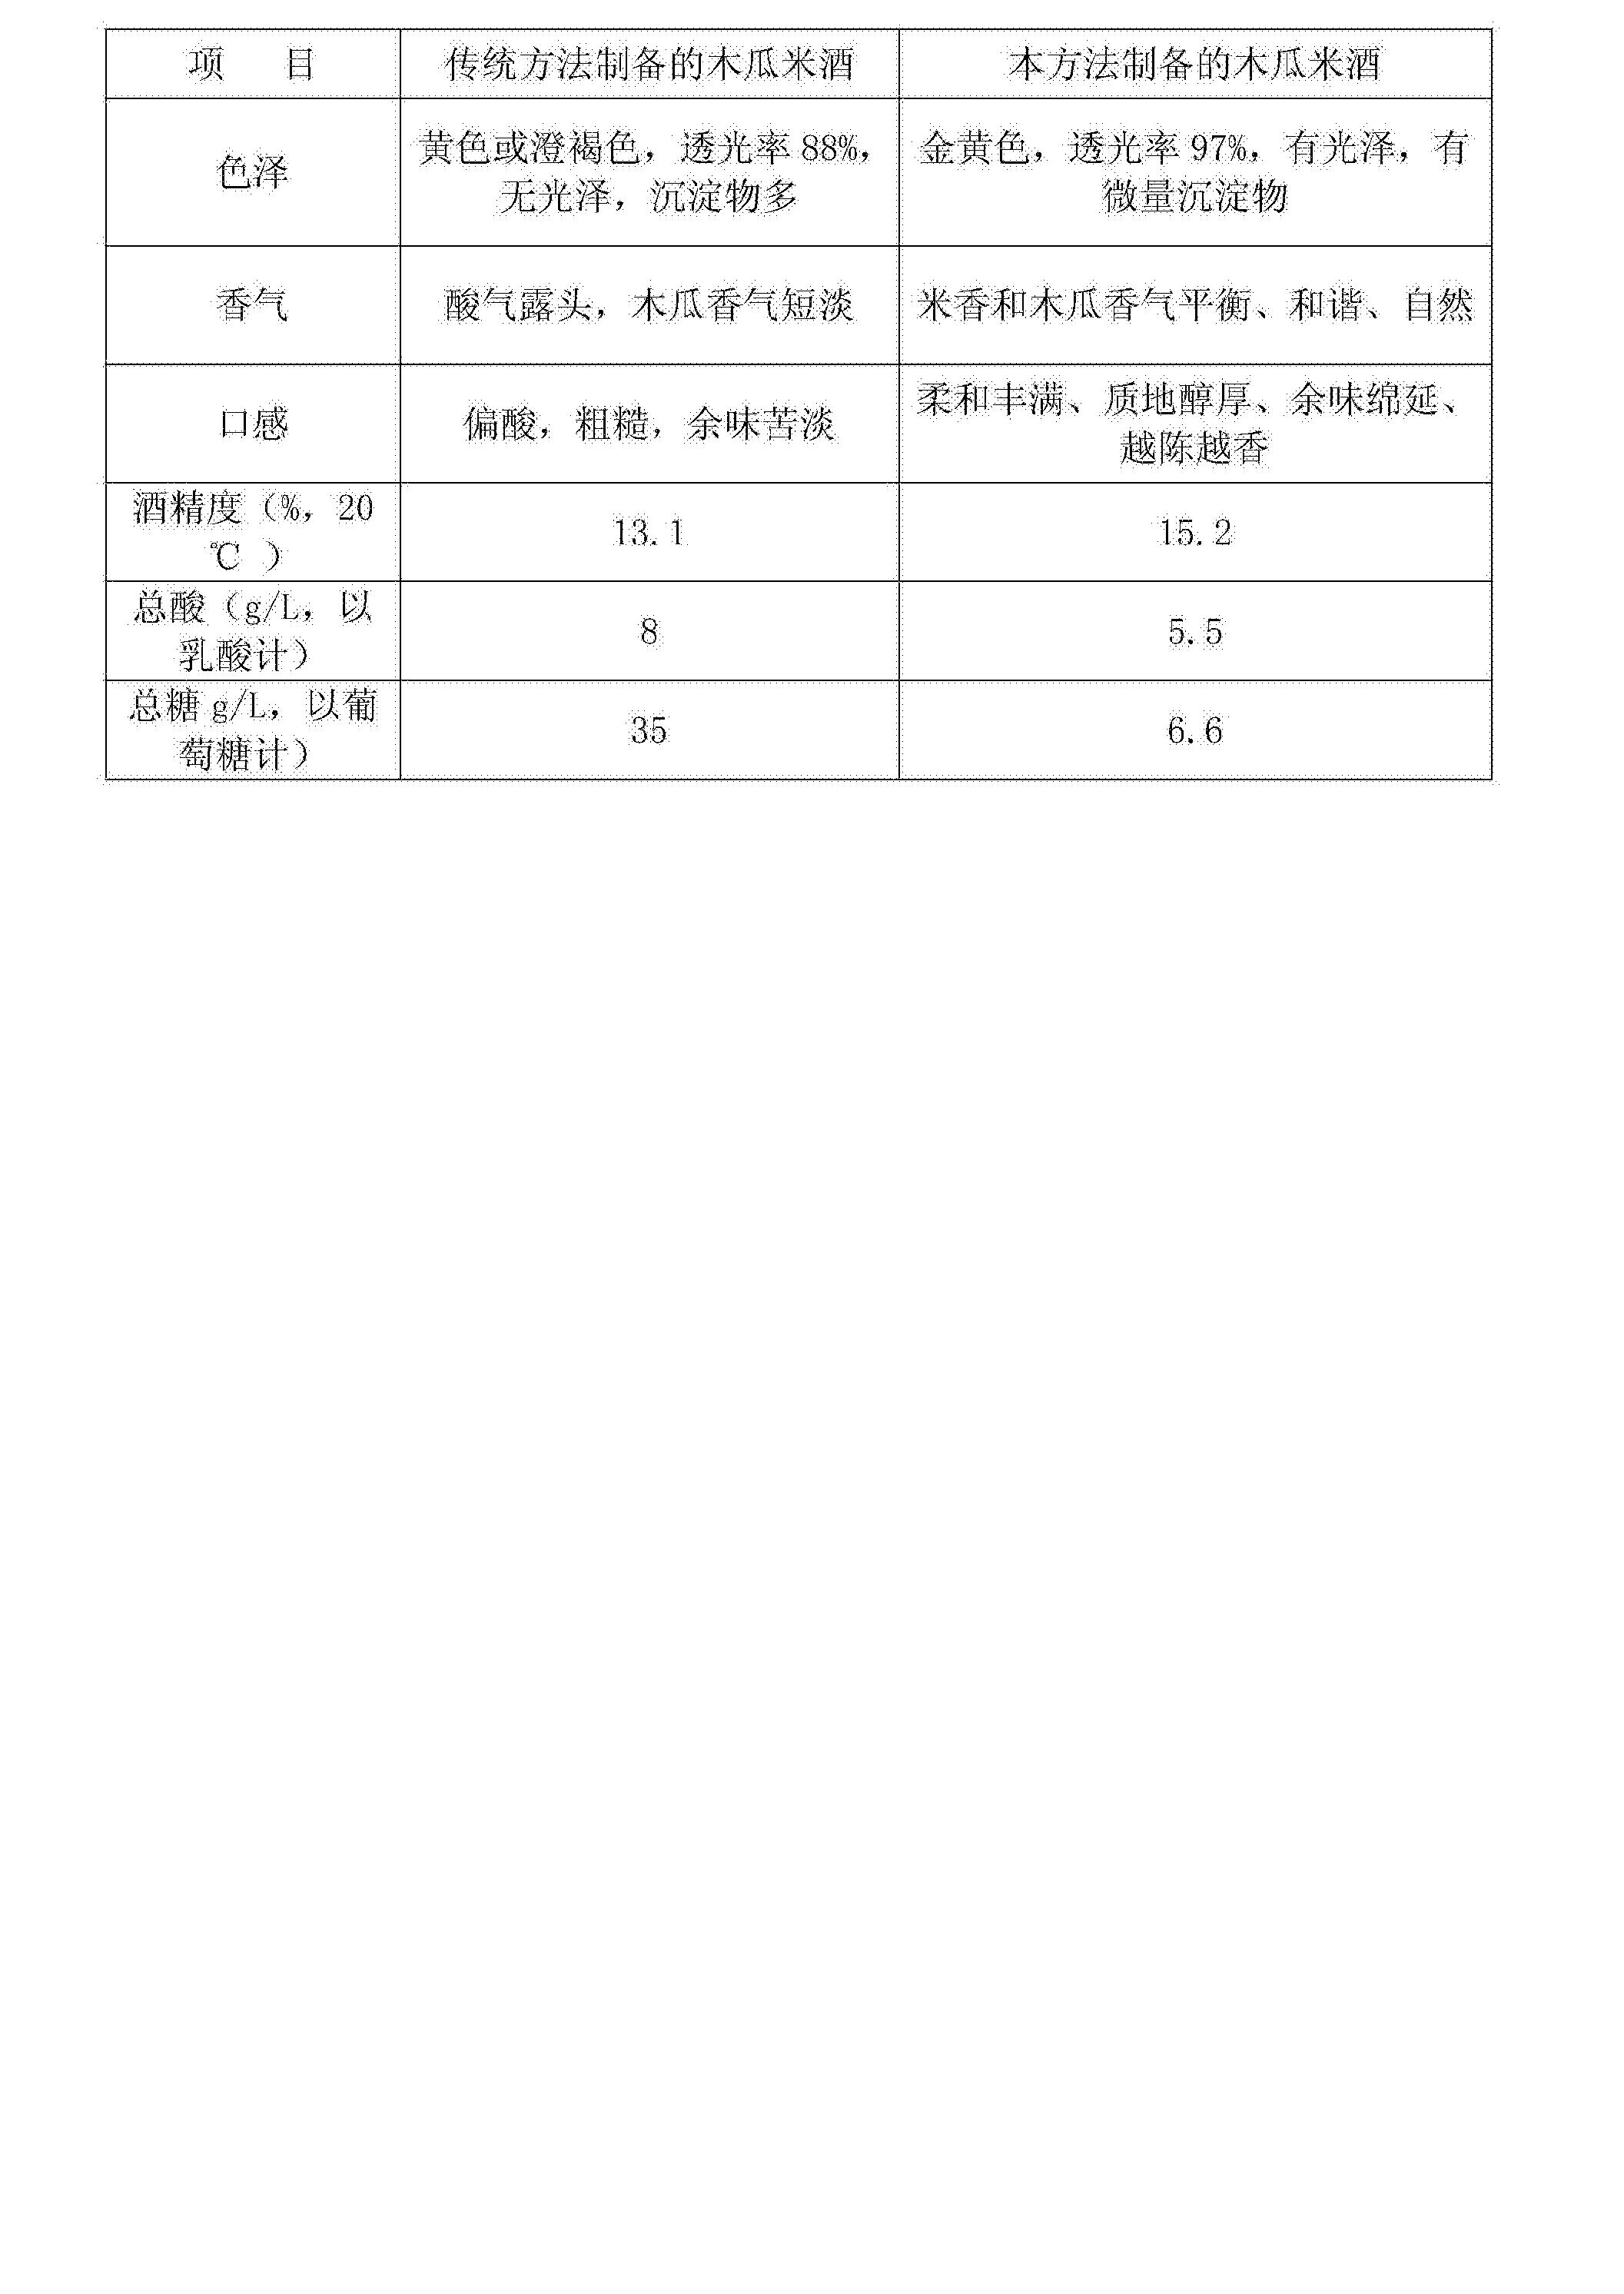 Figure CN104152316BD00061